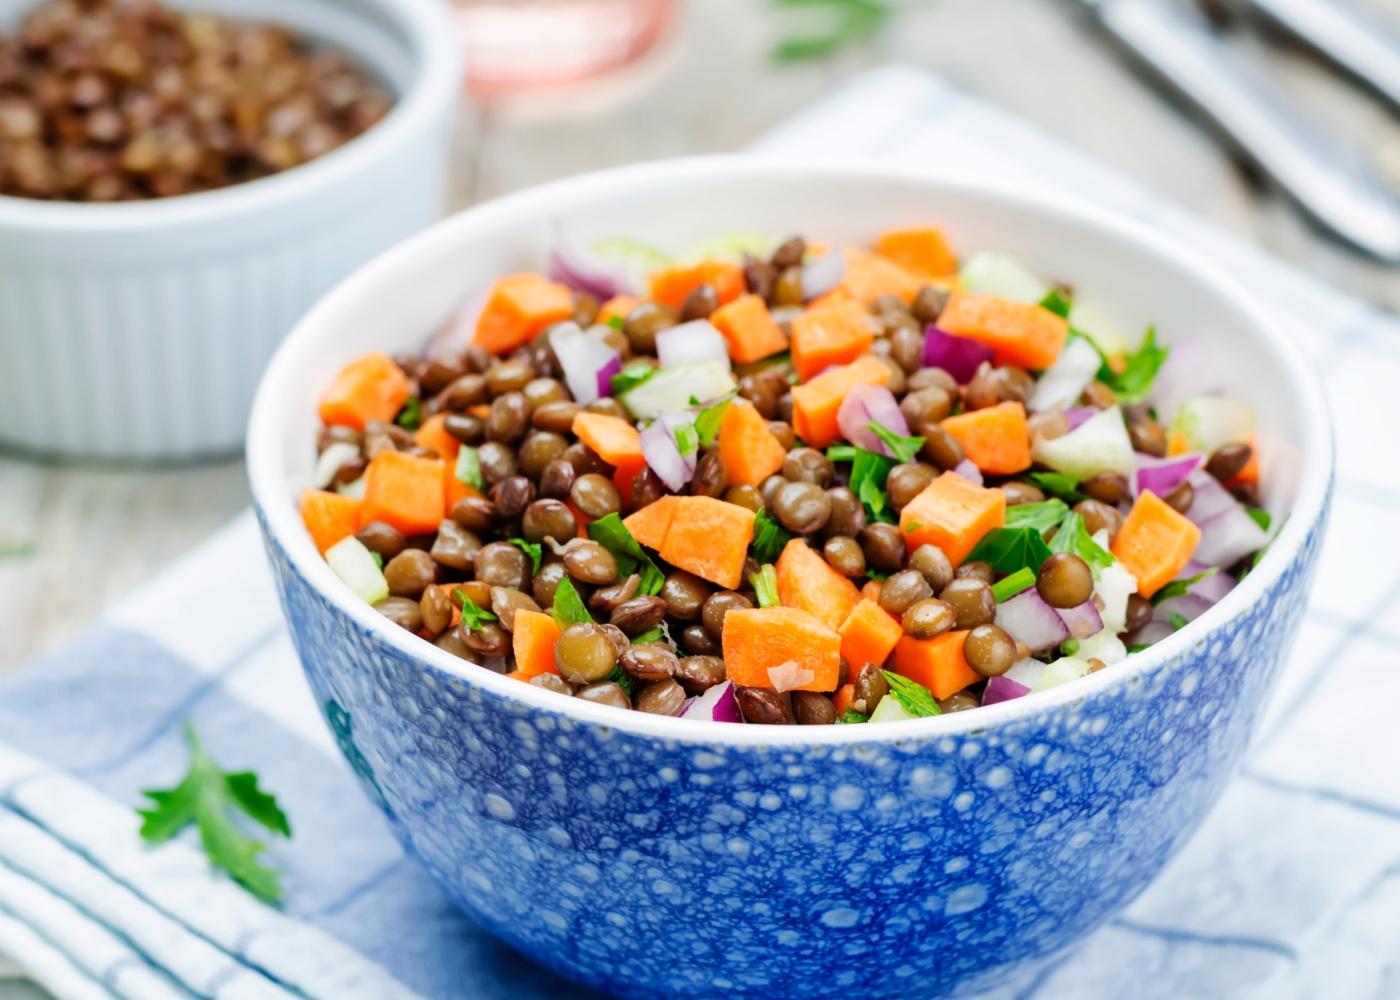 Receitas com leguminosas: salada de lentilhas e batata-doce